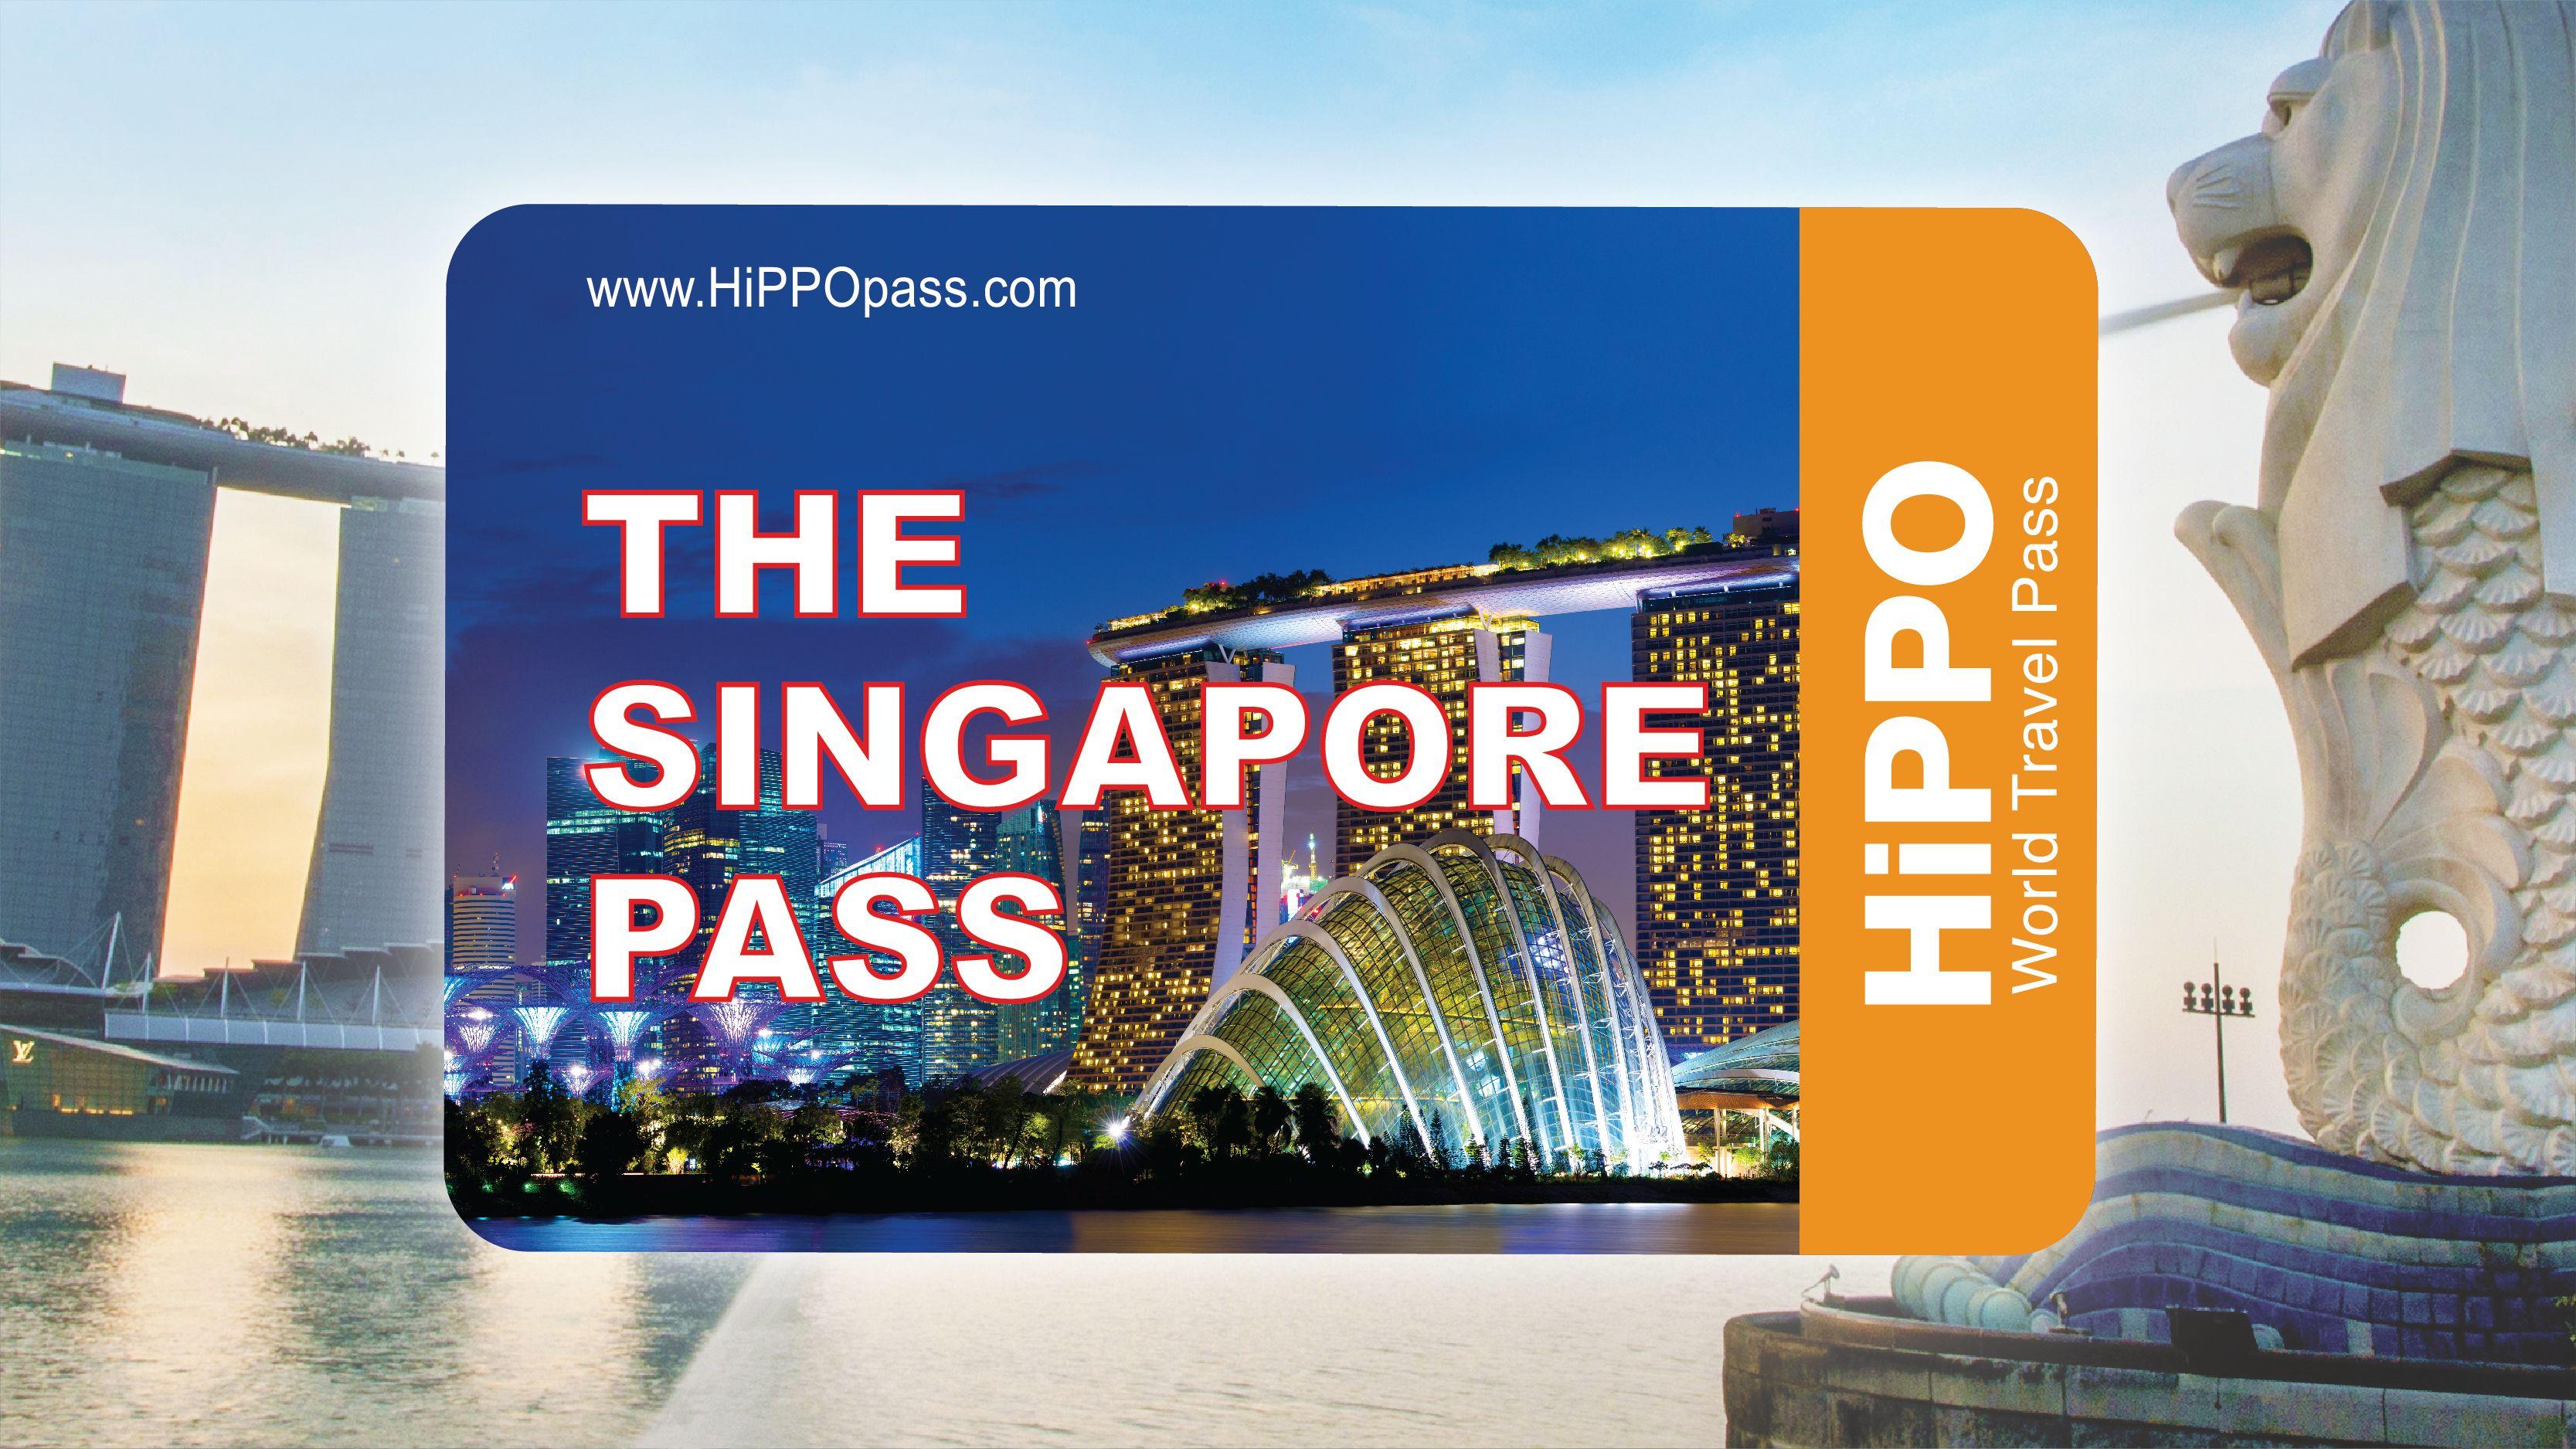 SingaporePassExpedia-01.jpg